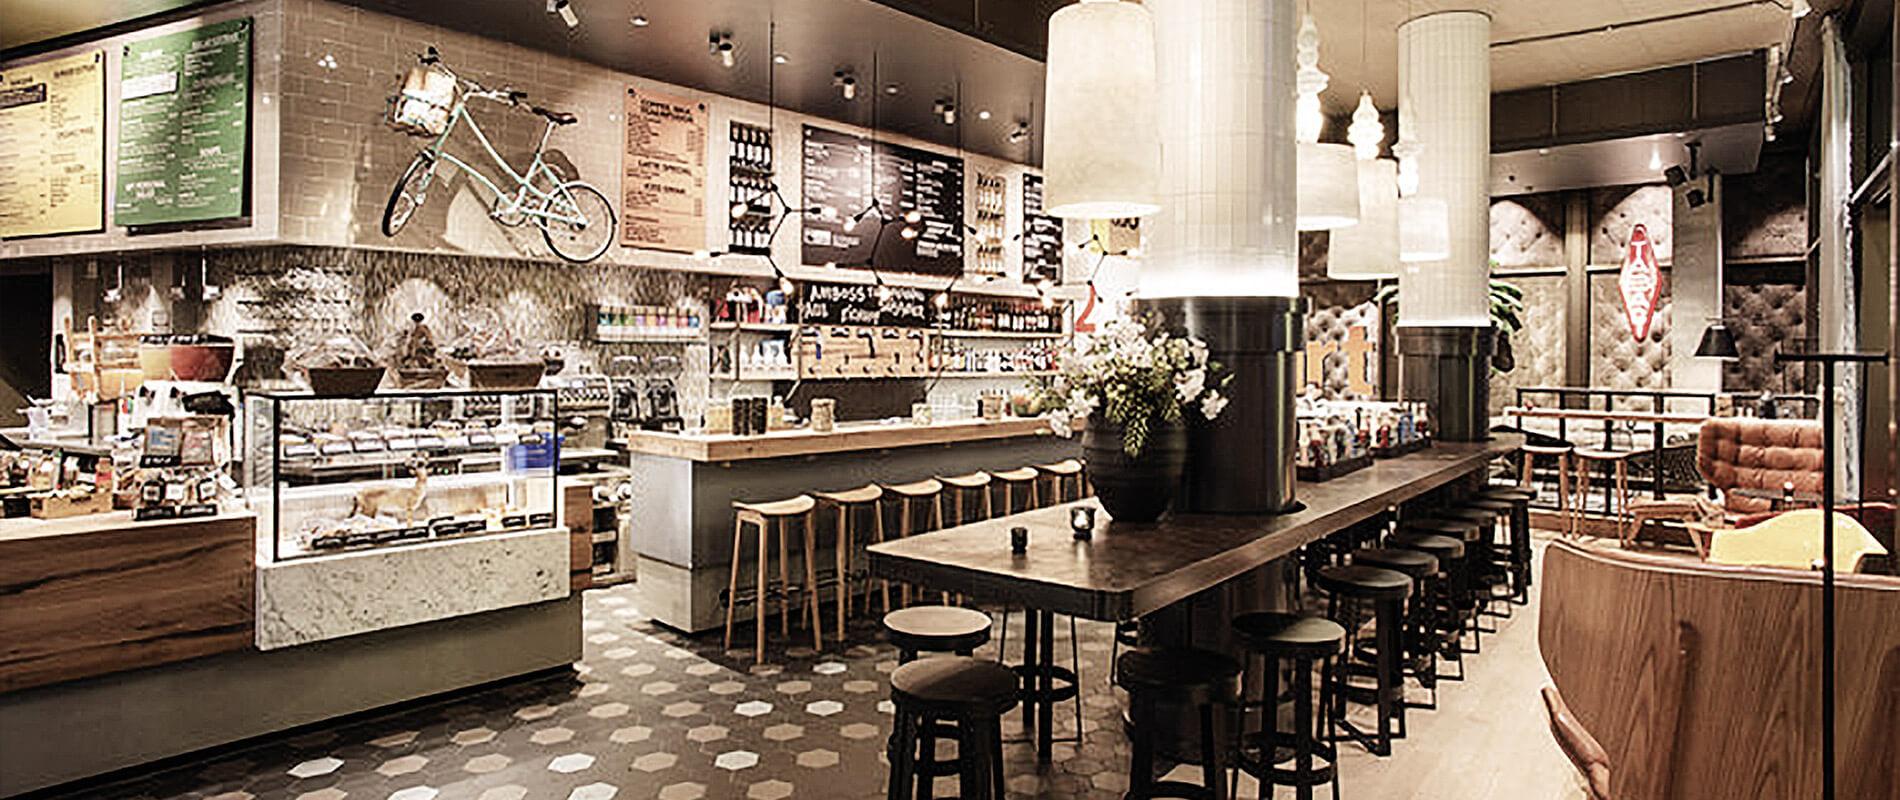 Europaallee |Restaurnant Jack&Jo |Referenz |Ettinger Partner